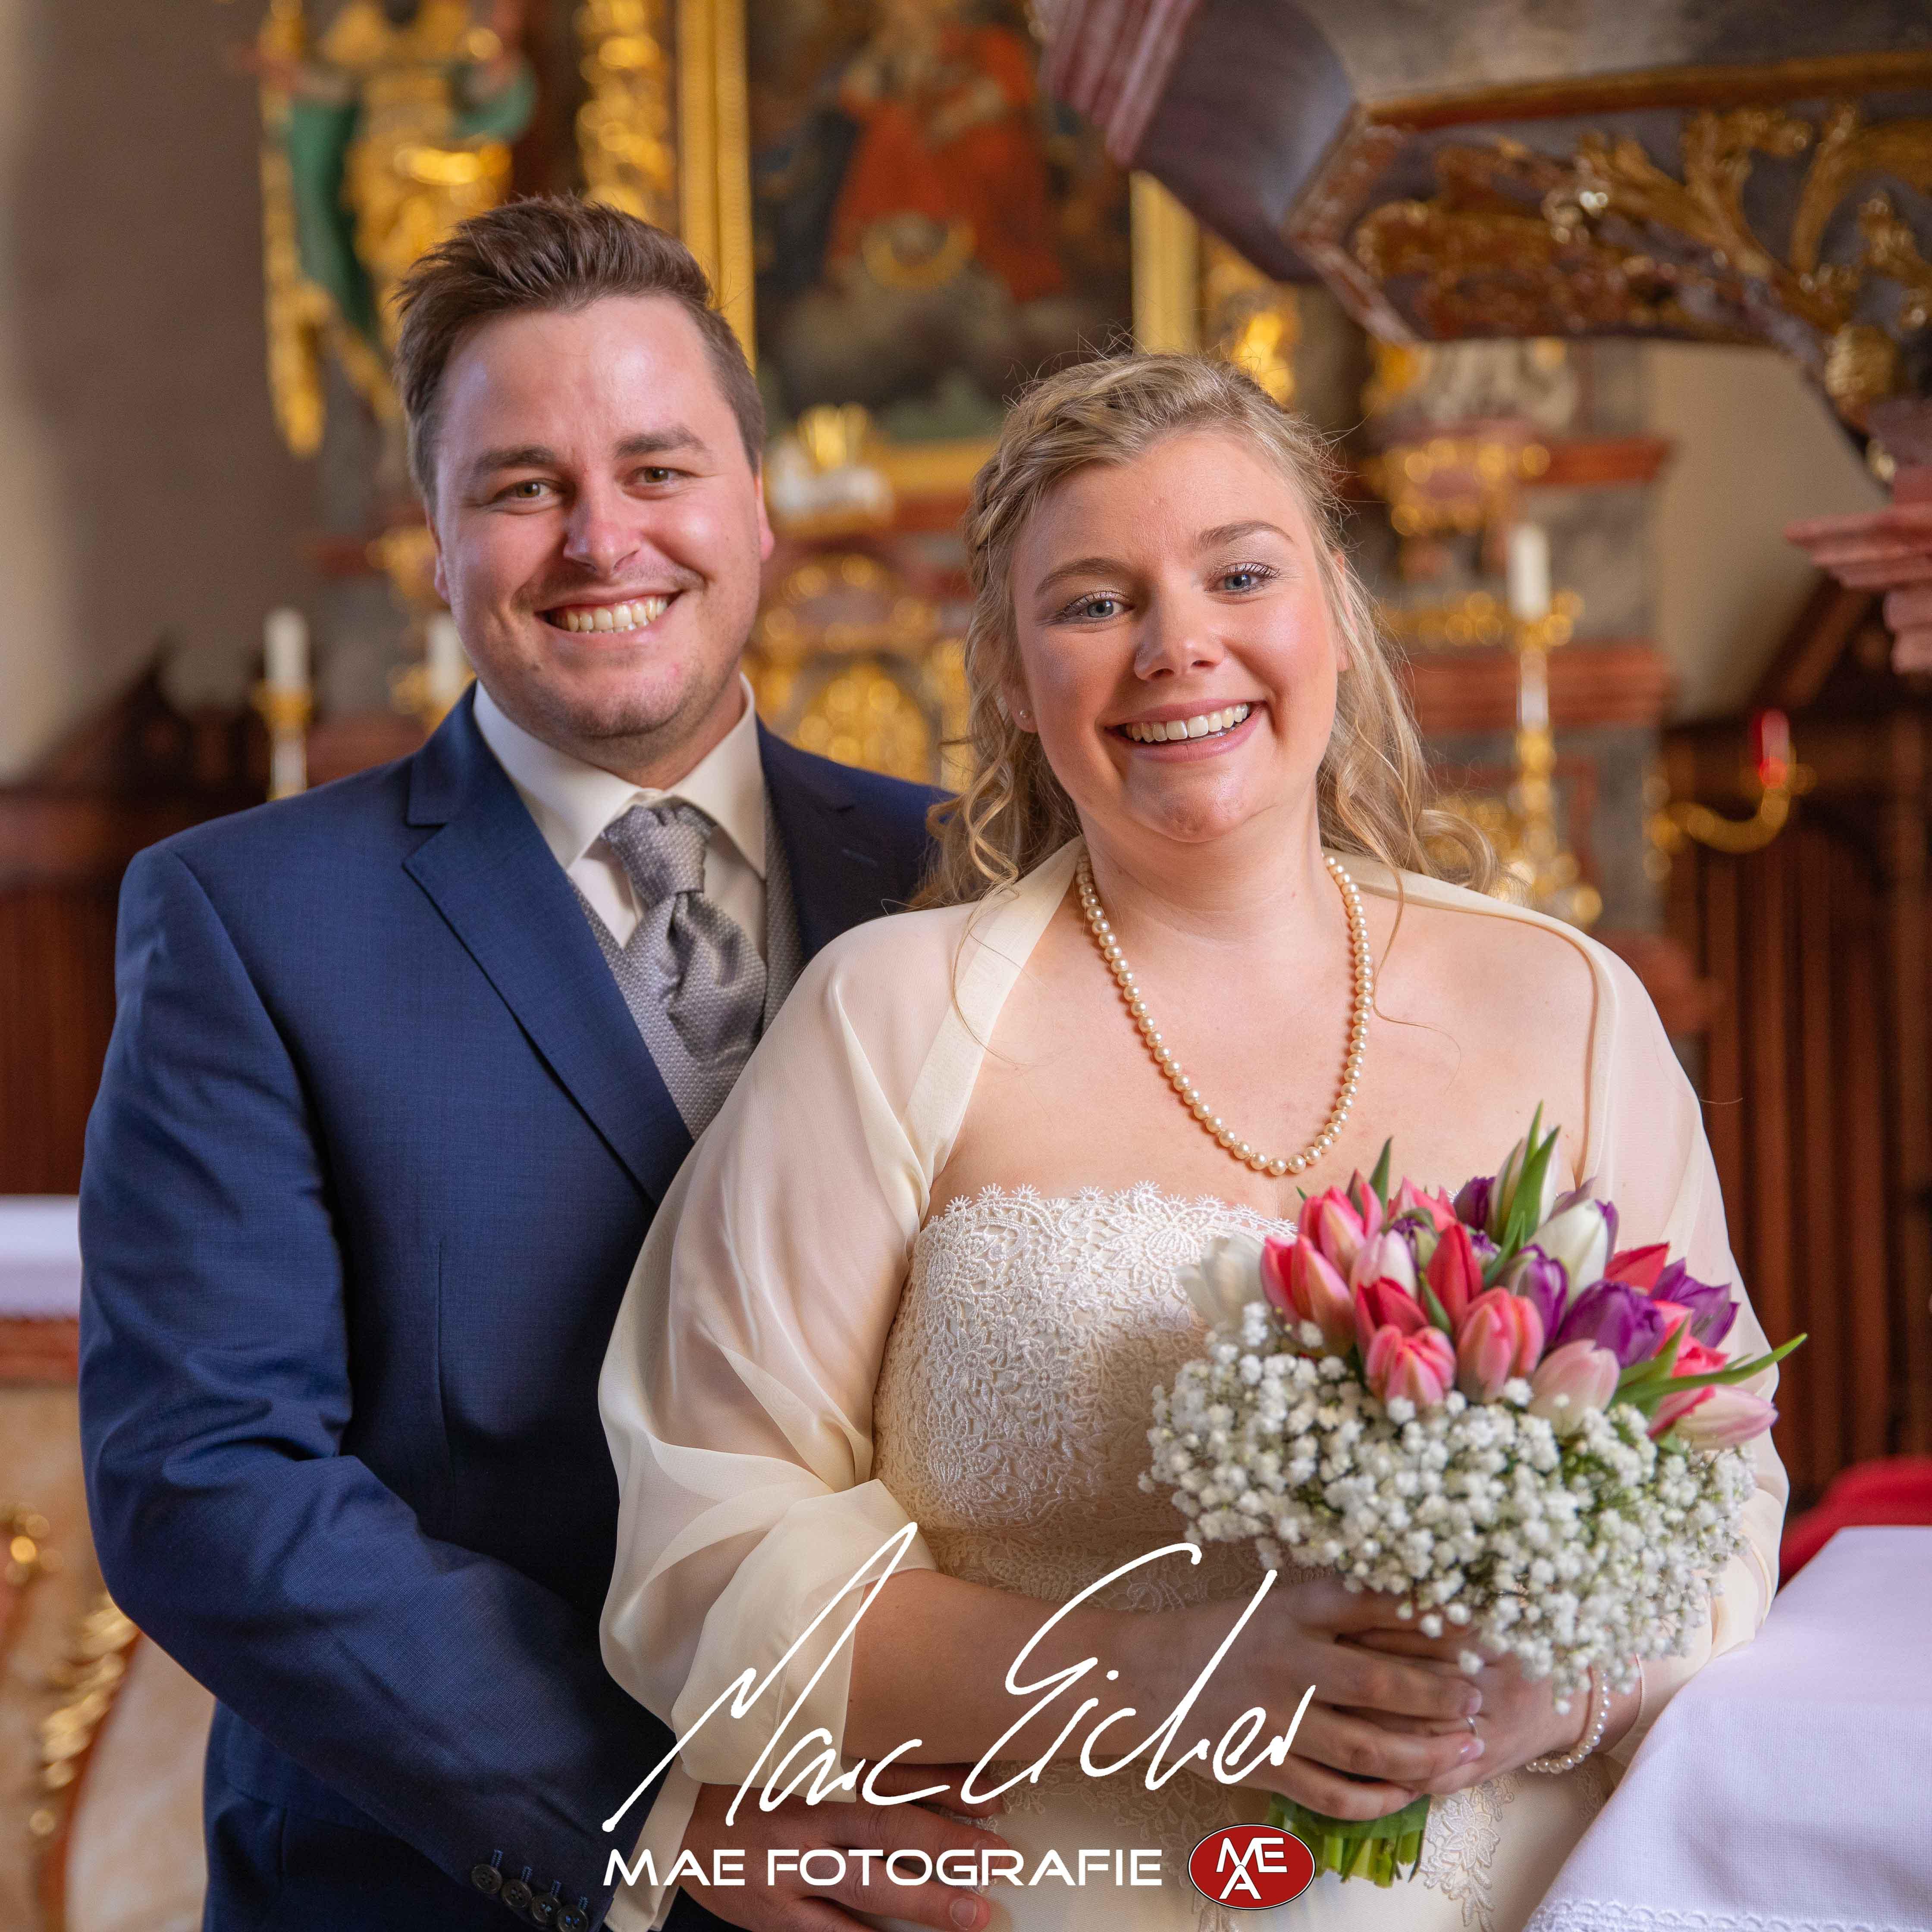 Hochzeitsfotografie_MAE-PIC-6.jpg